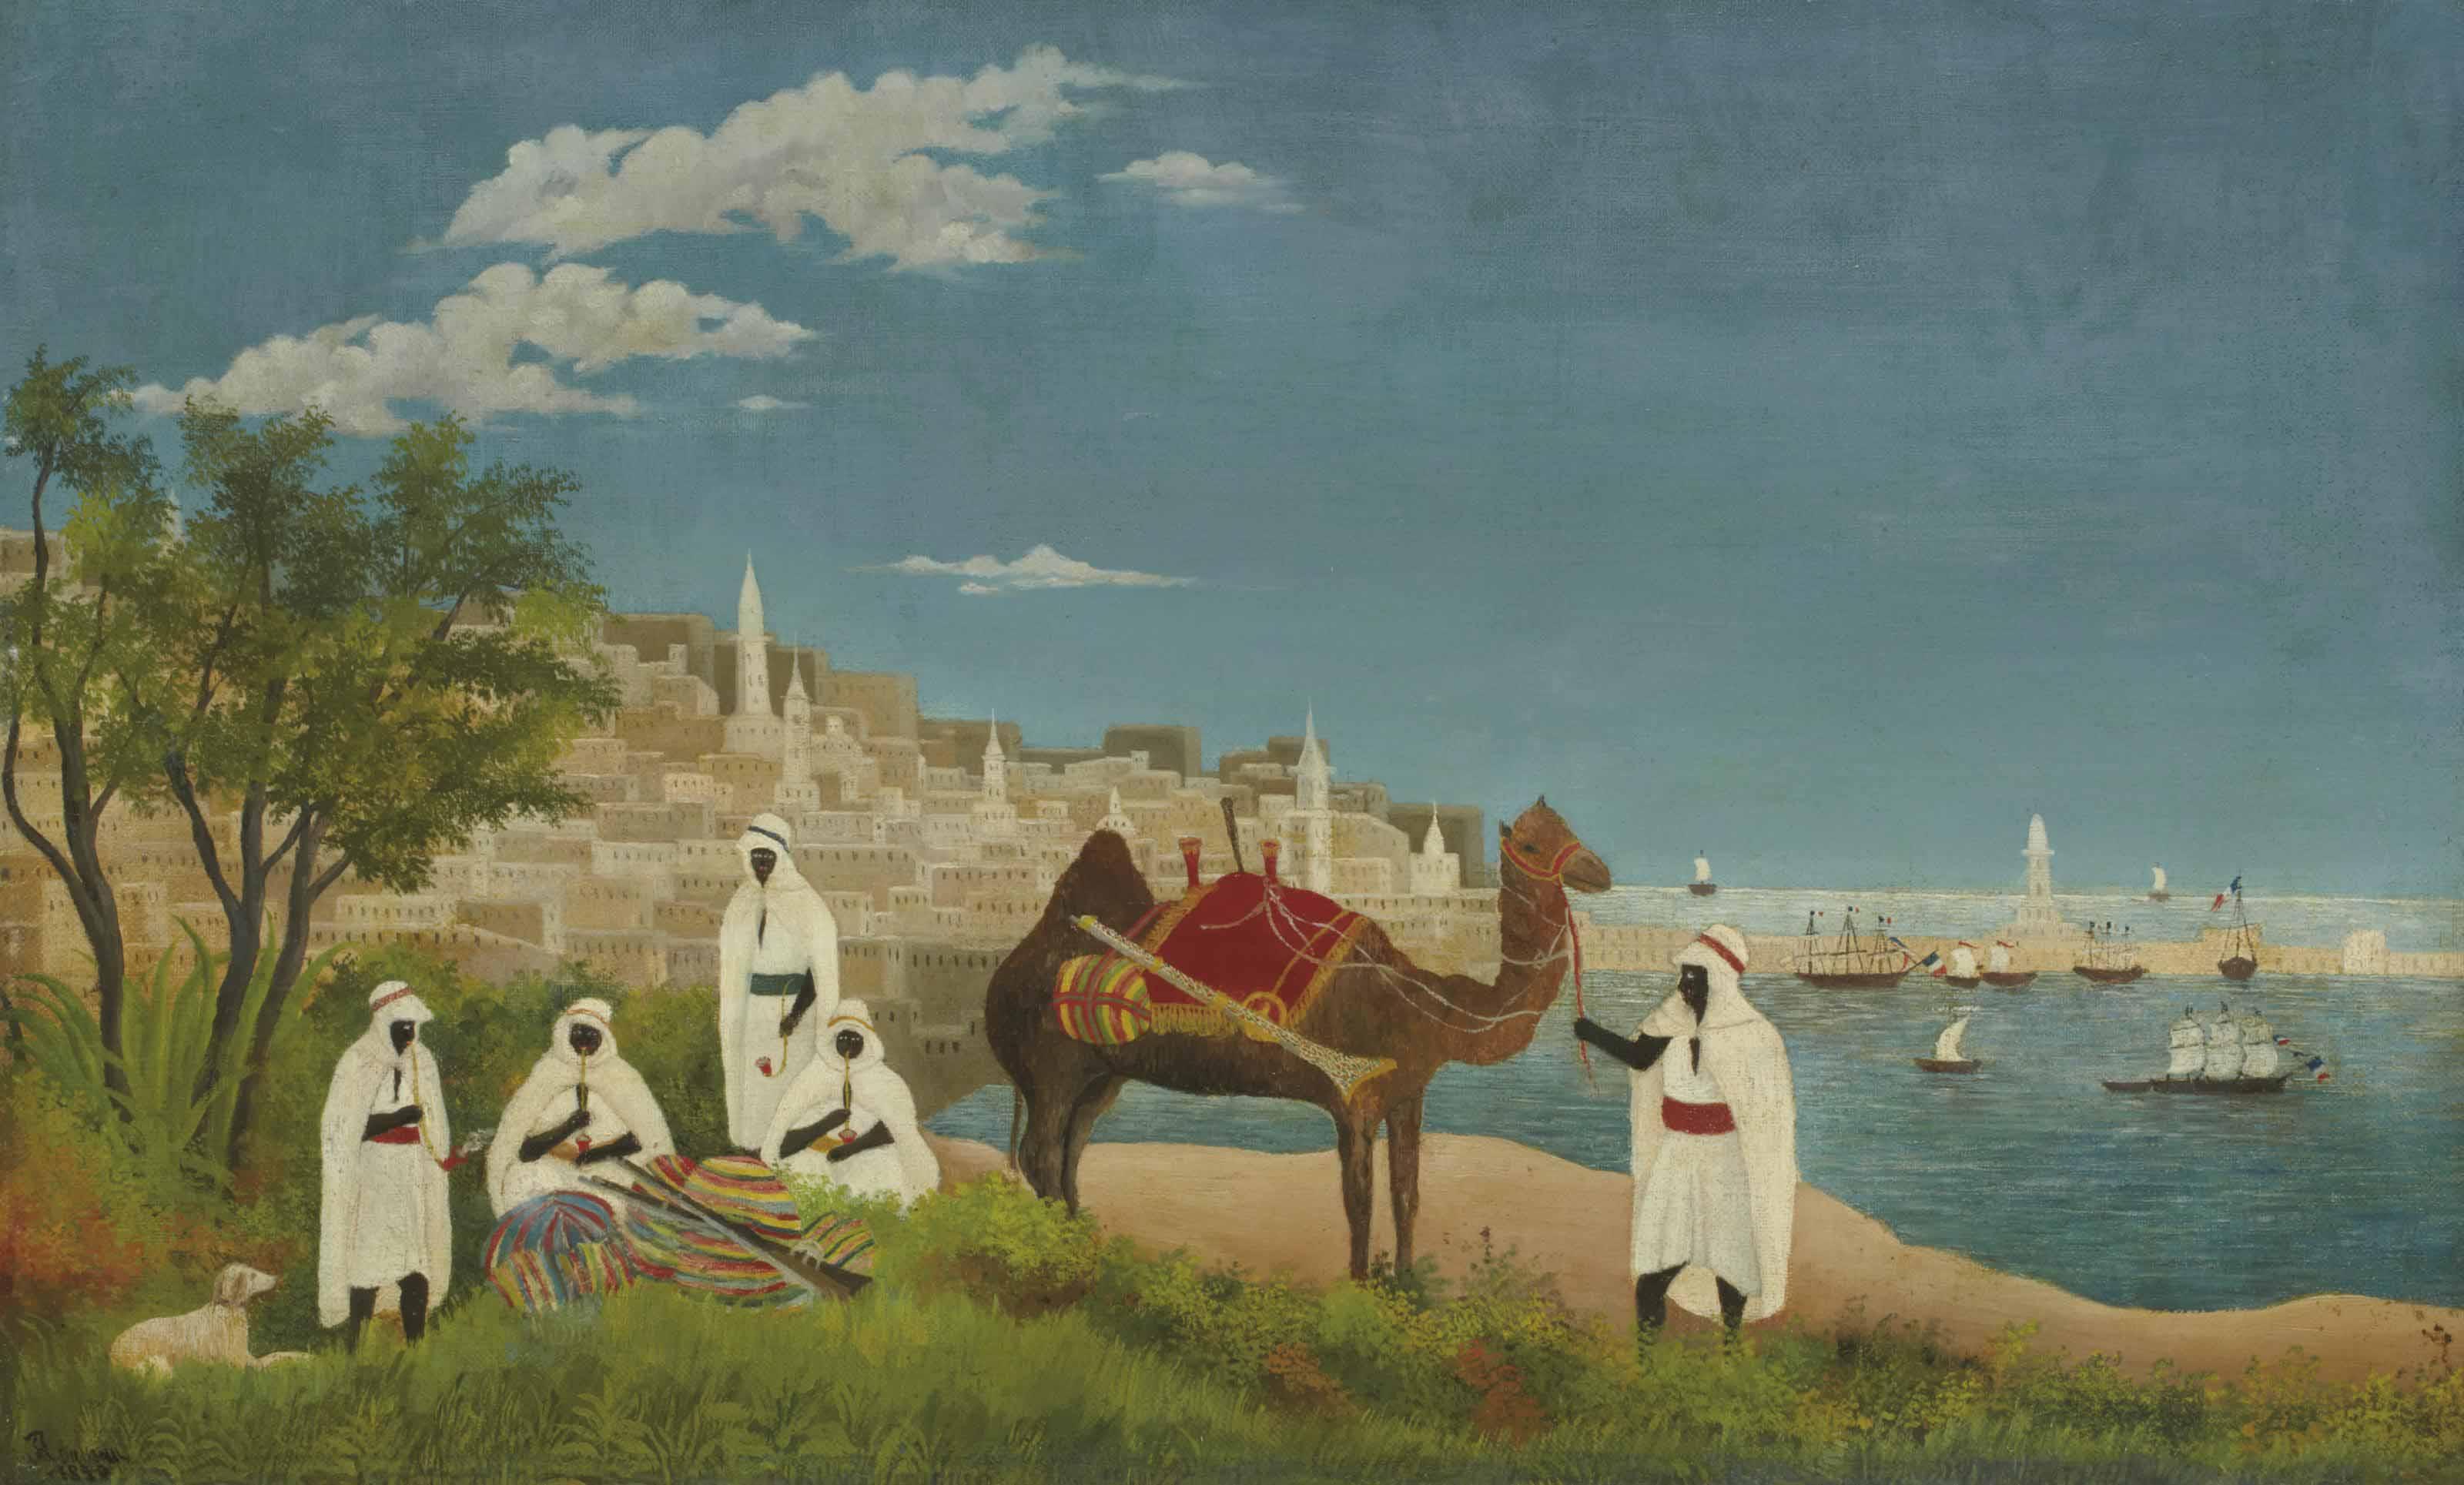 Le Douanier Rousseau (1844-191